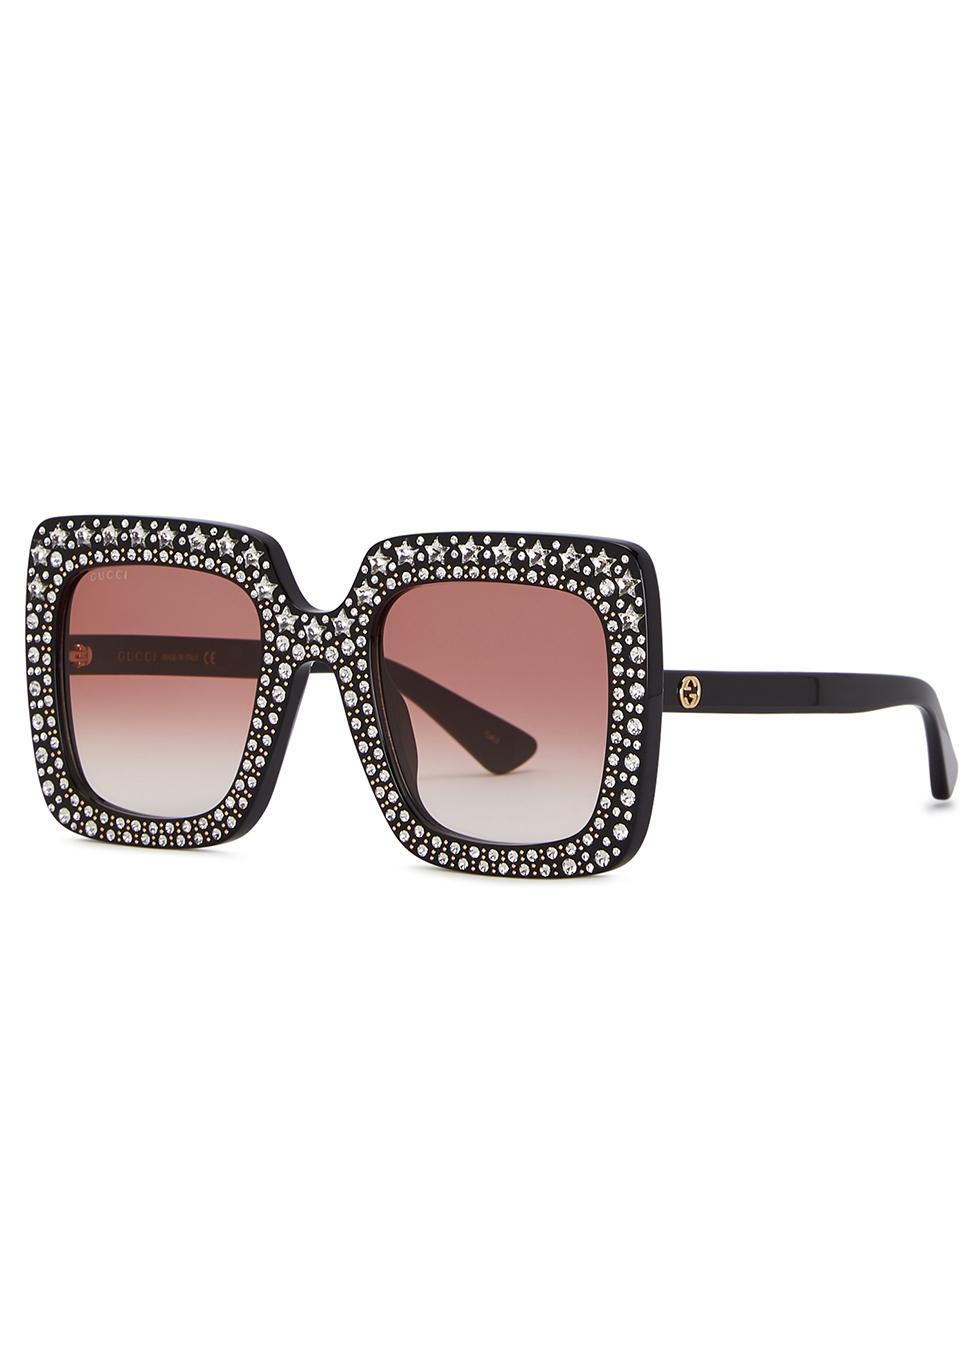 be13c25bba500 Gucci Sunglasses - Womens - Harvey Nichols